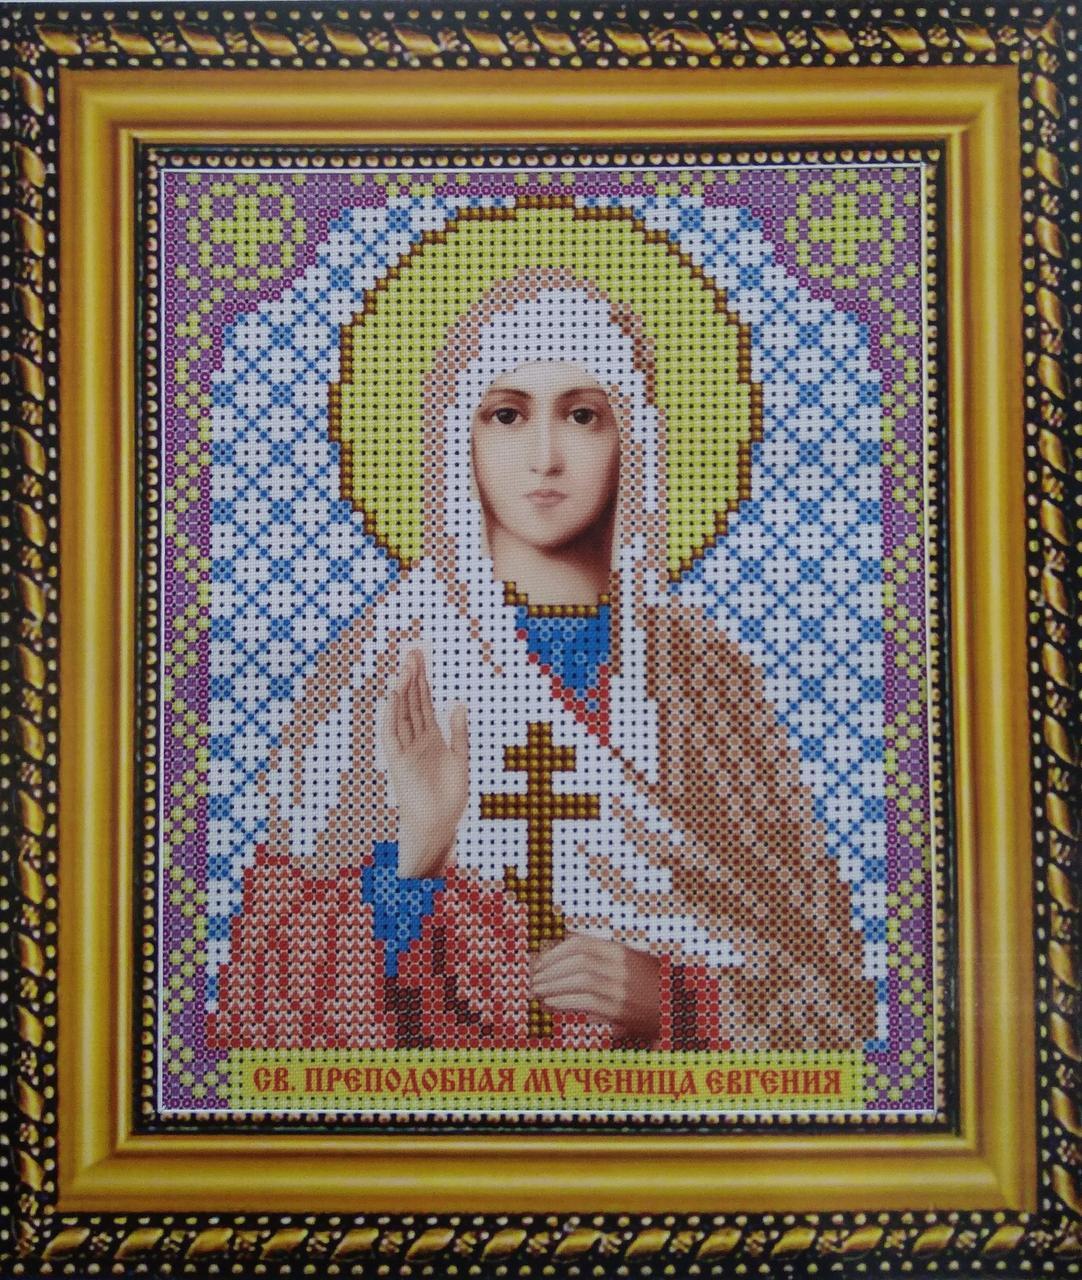 Набор для вышивки бисером ArtWork икона Святая Преподобная Мученица Евгения VIA 5051